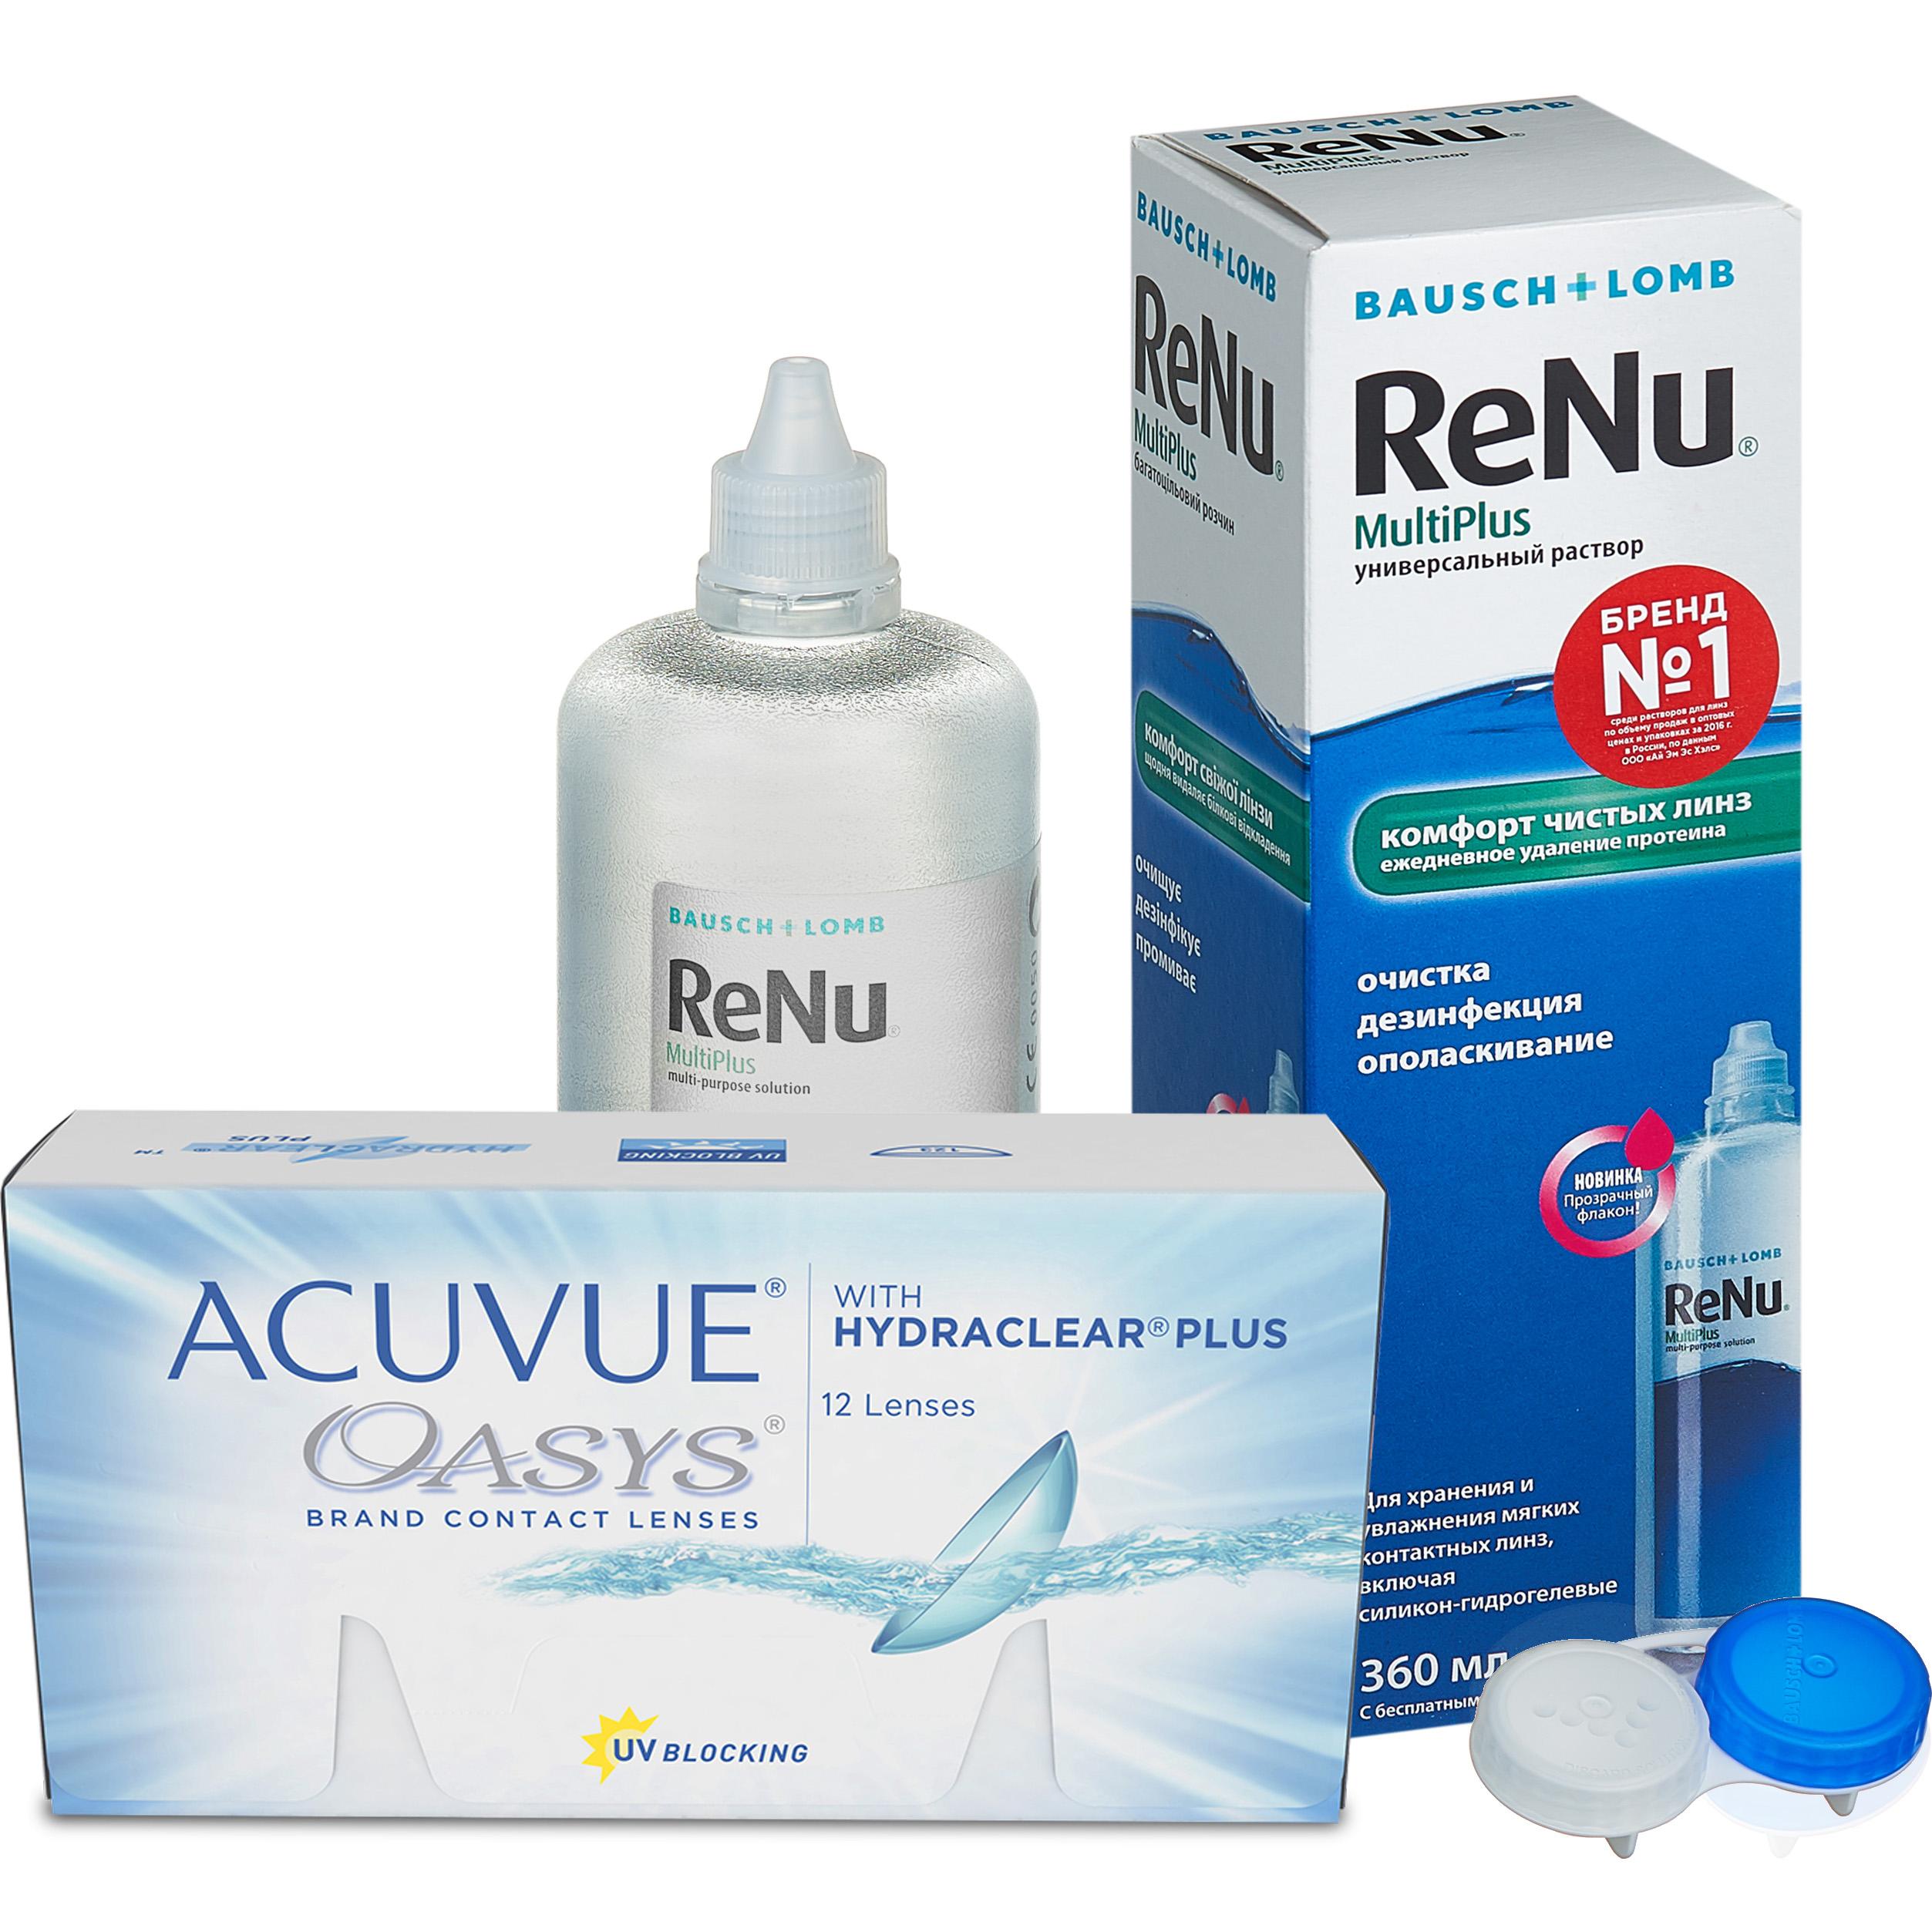 Oasys with Hydraclear Plus 12 линз + ReNu MultiPlus, Линзы Acuvue Oasys with Hydraclear Plus 12 линз R 8.8 -0, 25 + ReNu Multi Plus 360 мл  - купить со скидкой